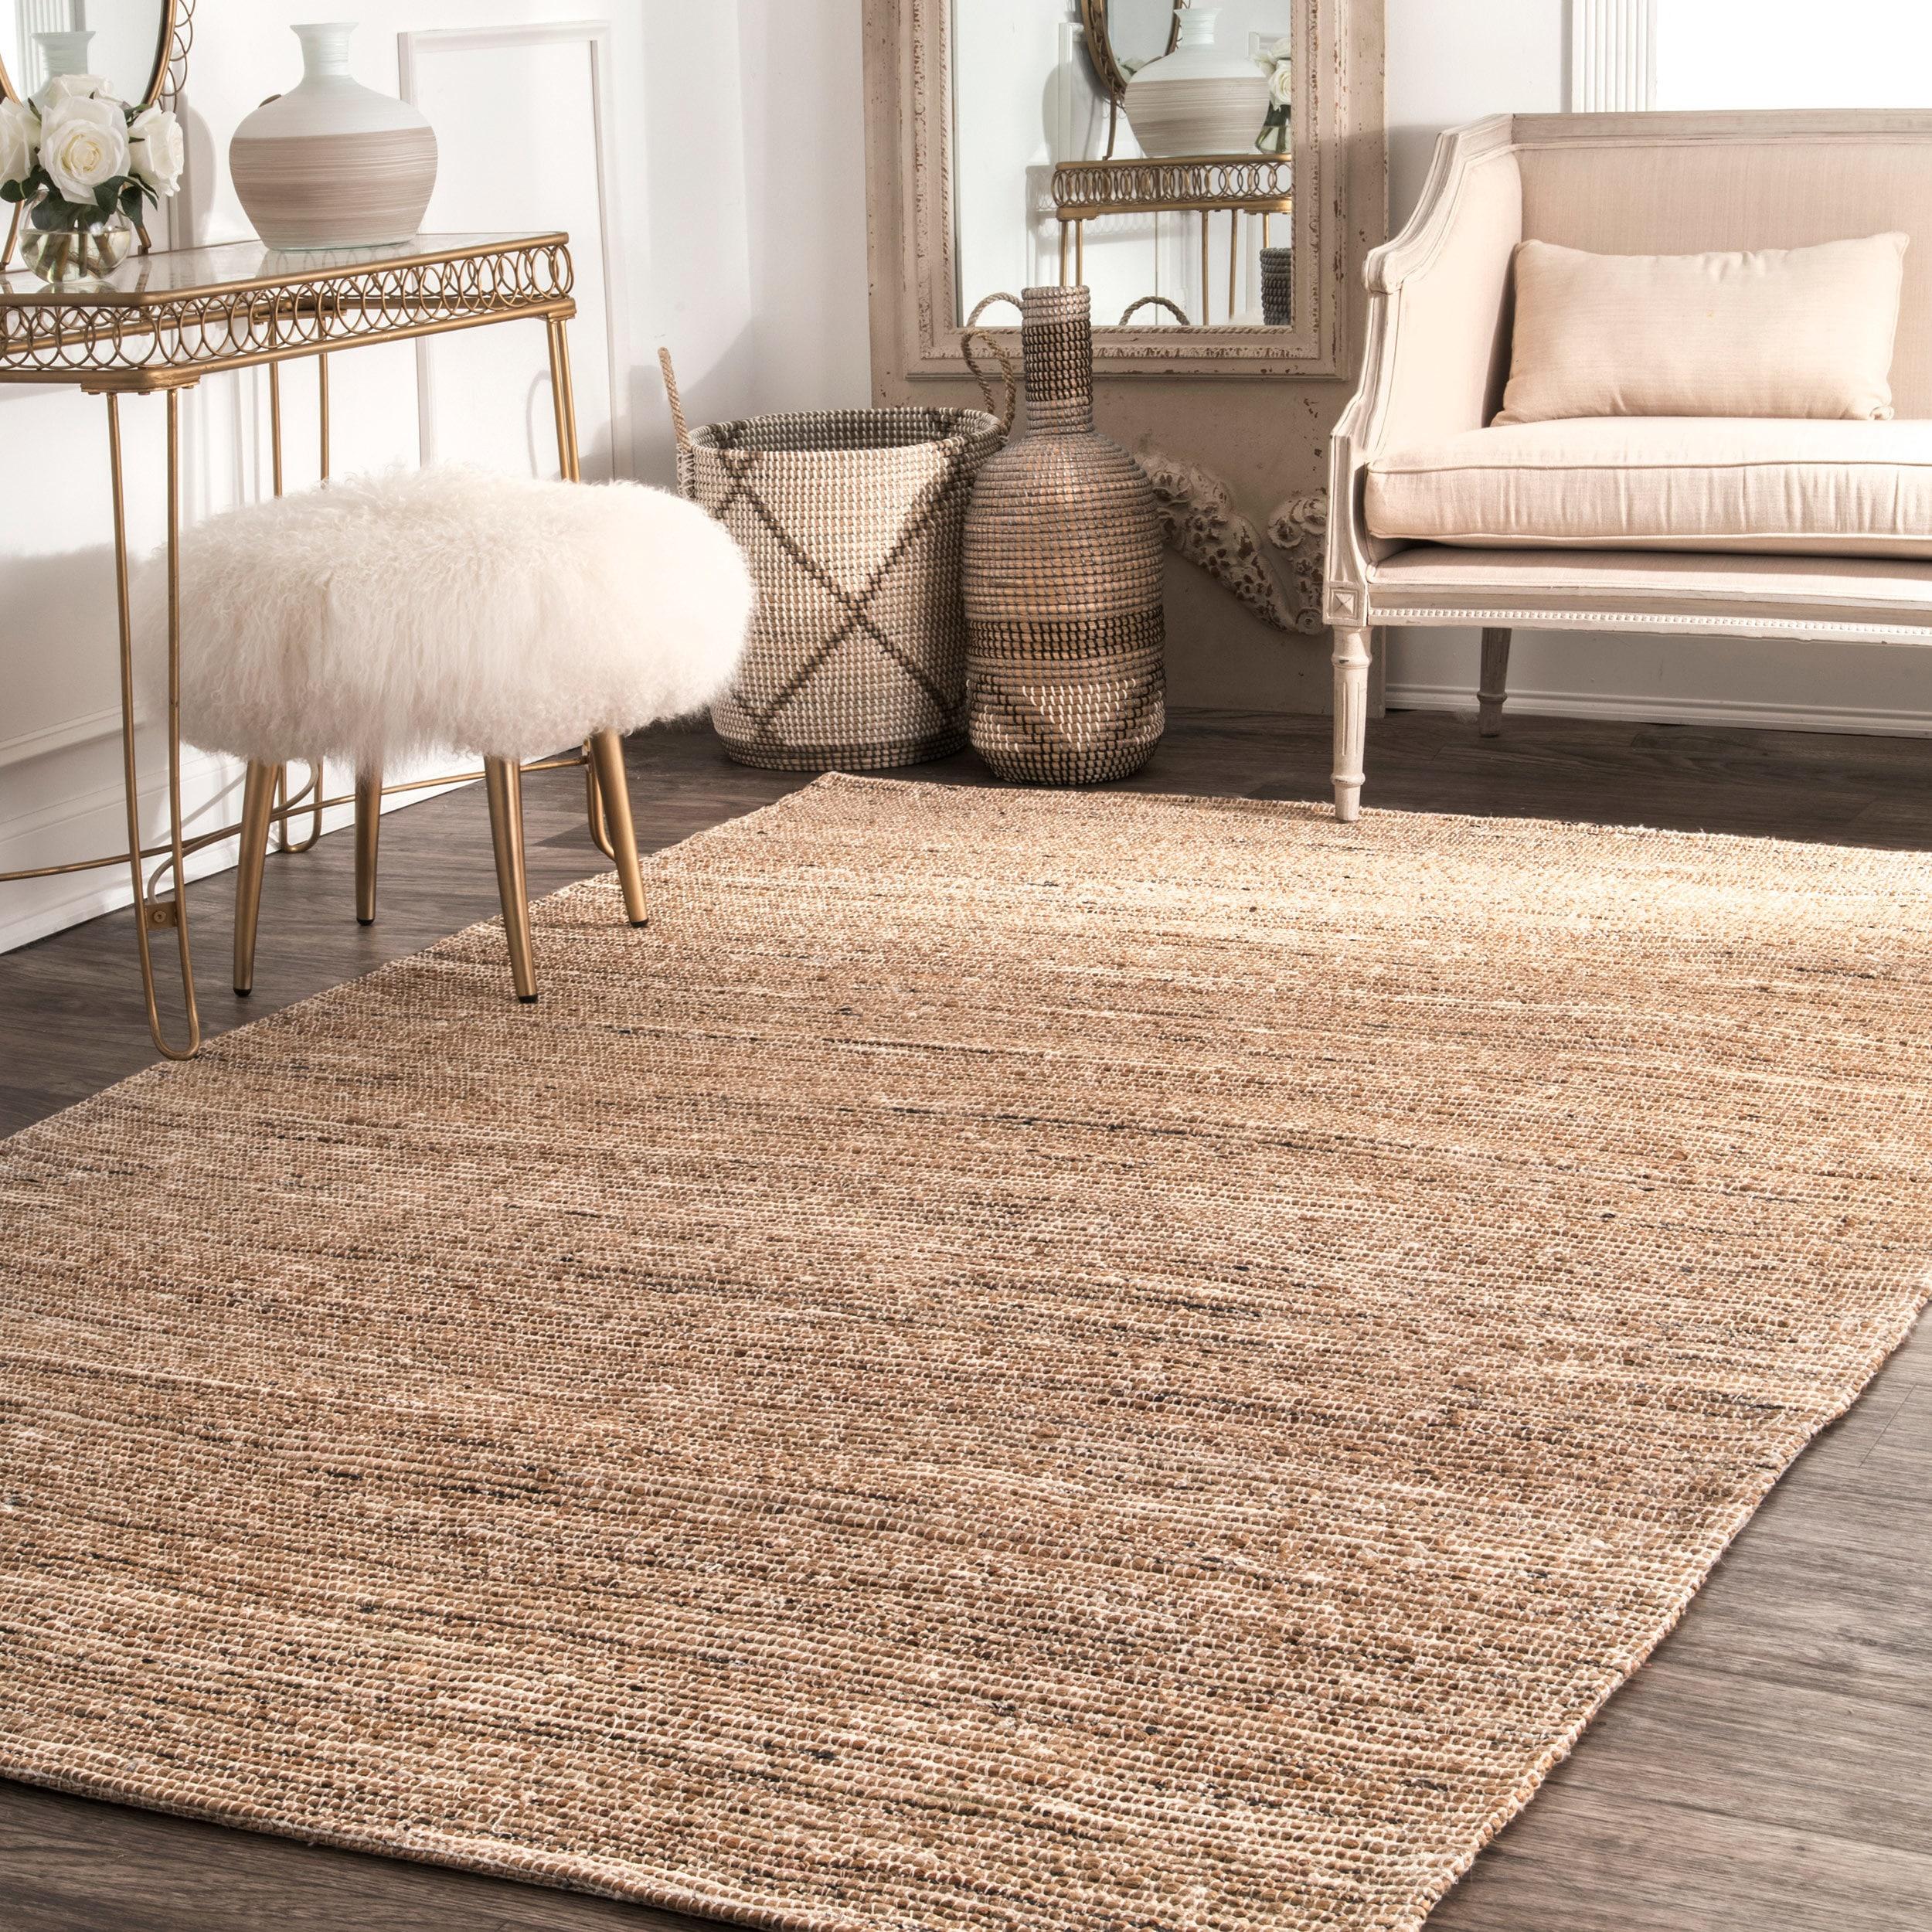 Nuloom handmade flatweave natural fiber jute area rug 5